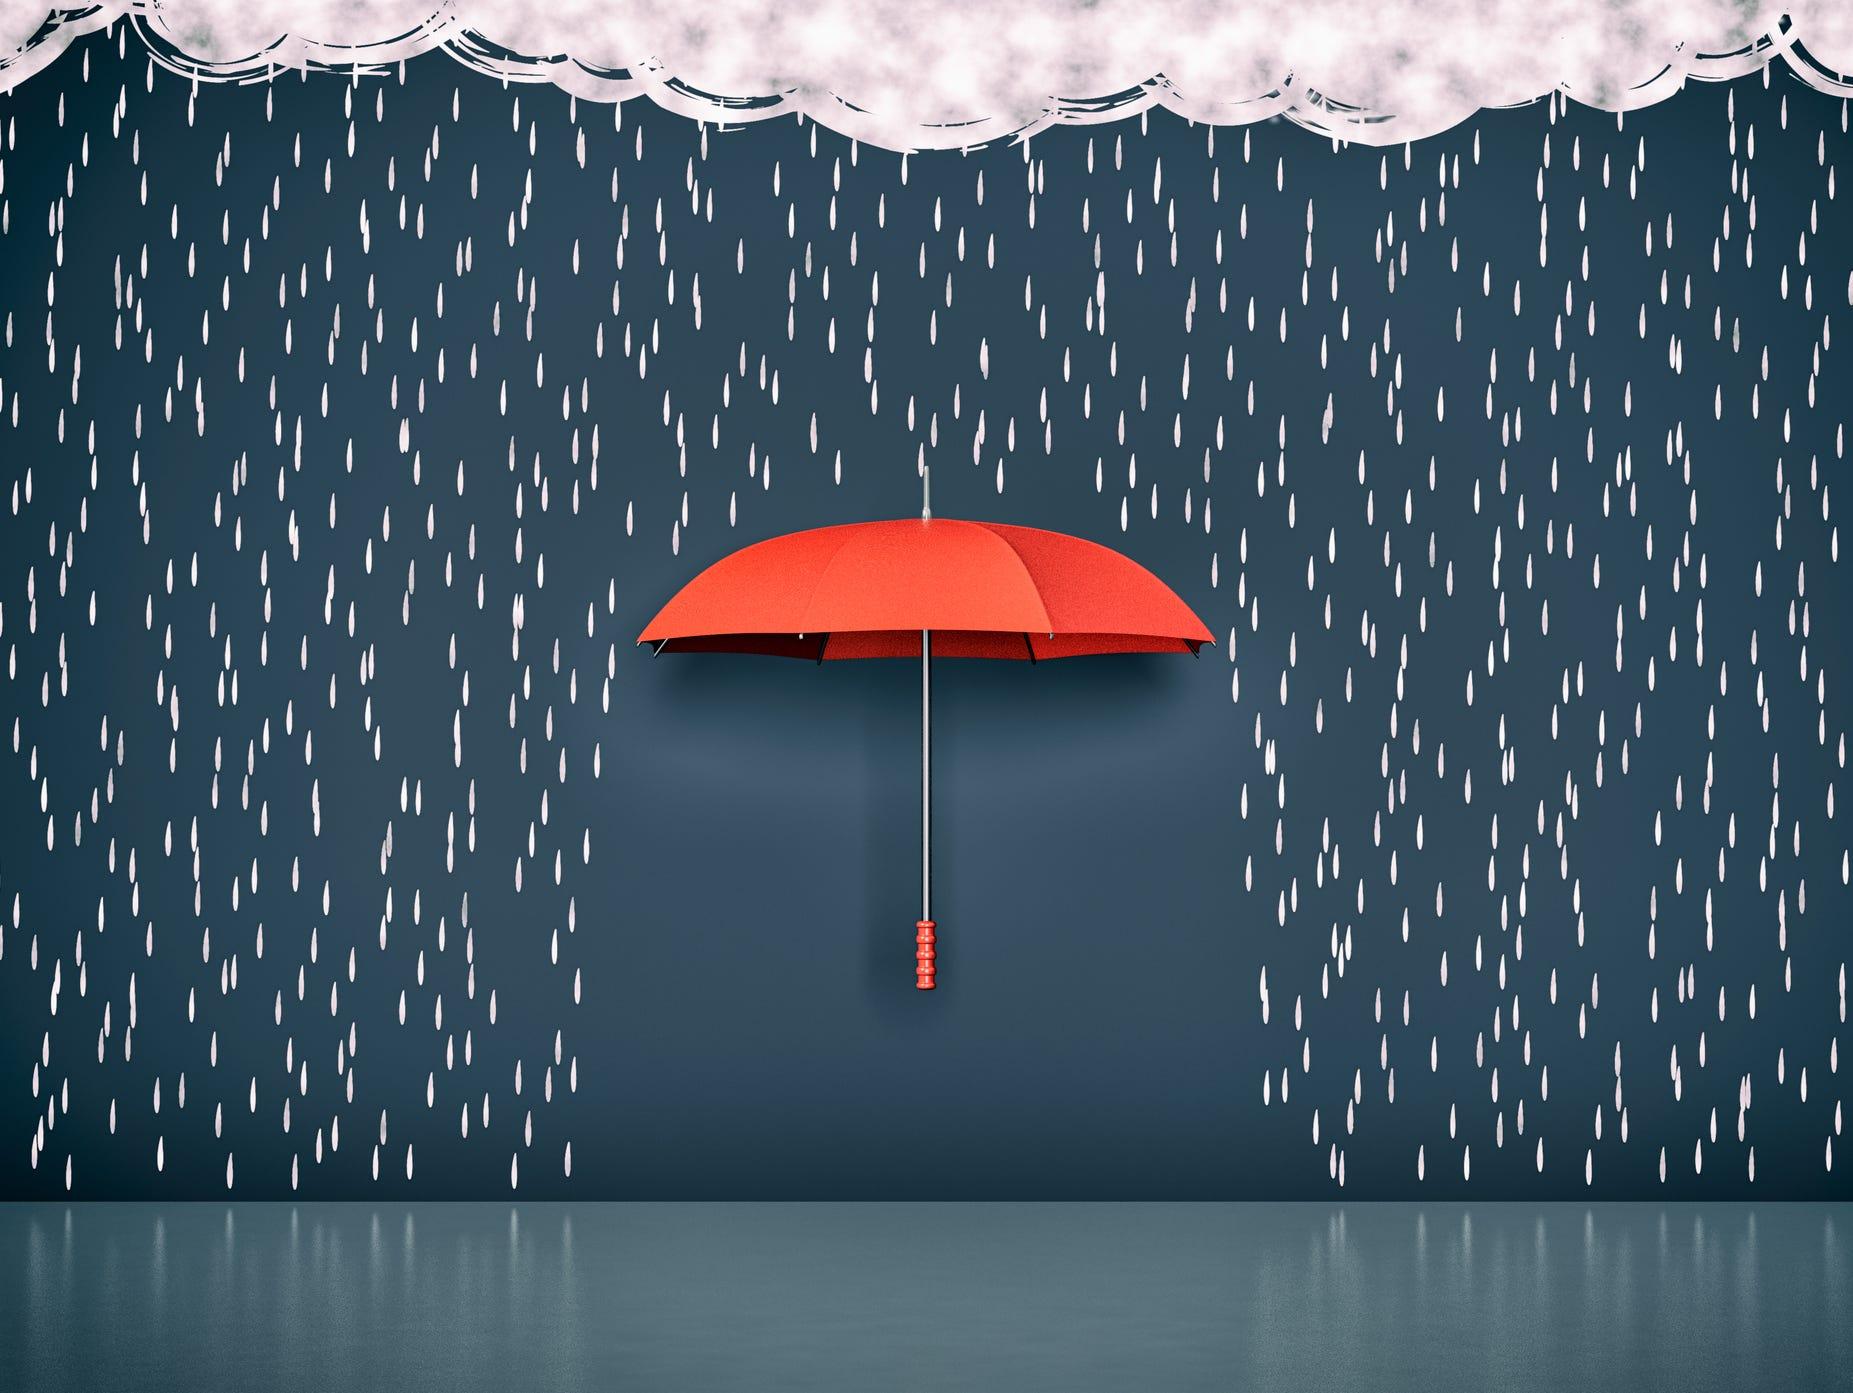 Win a Daily Advertiser Umbrella!